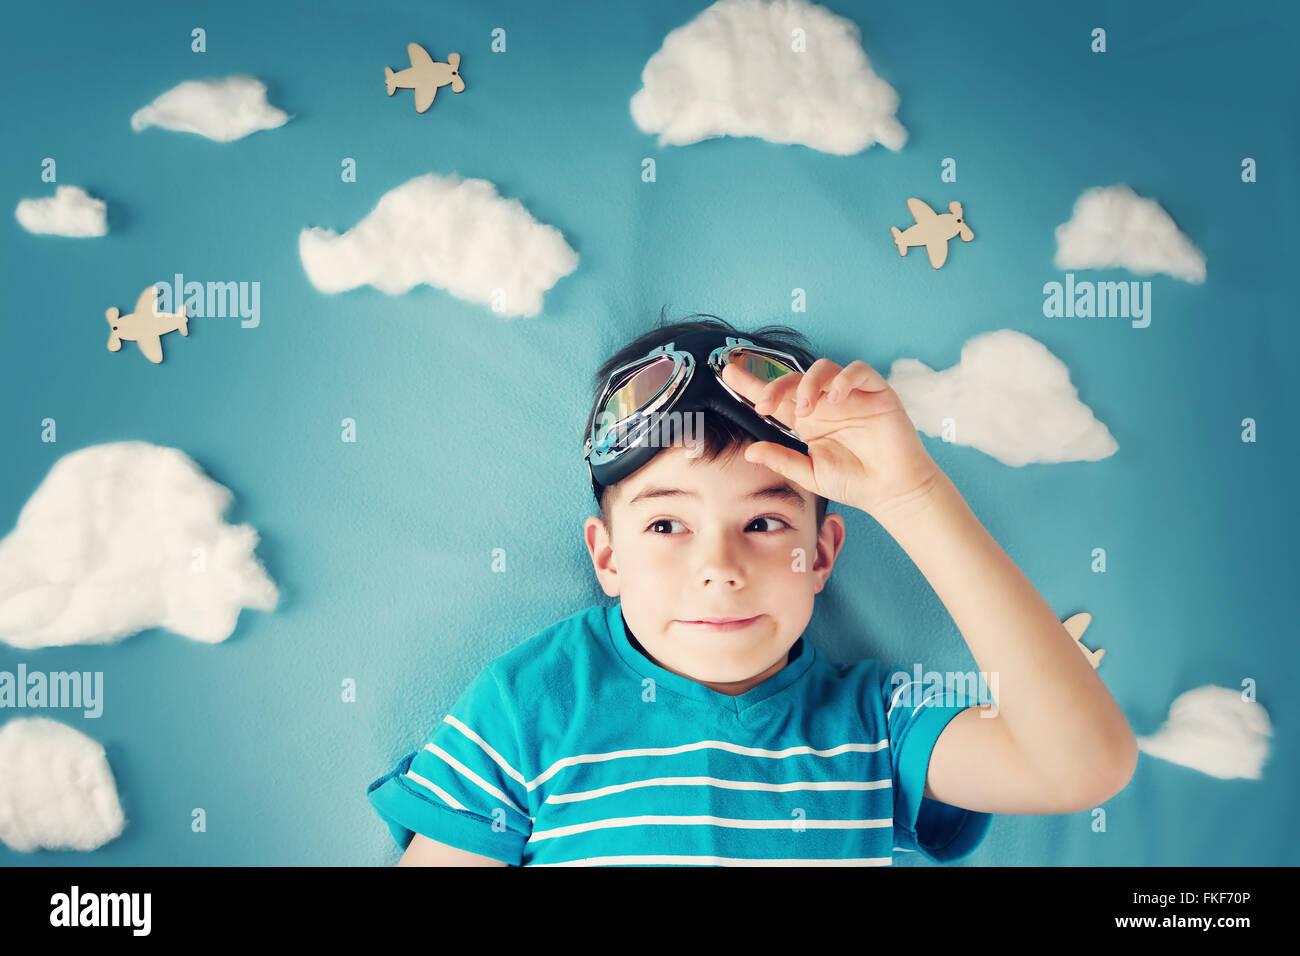 Ragazzo disteso sulla coperta con il bianco delle nuvole Immagini Stock